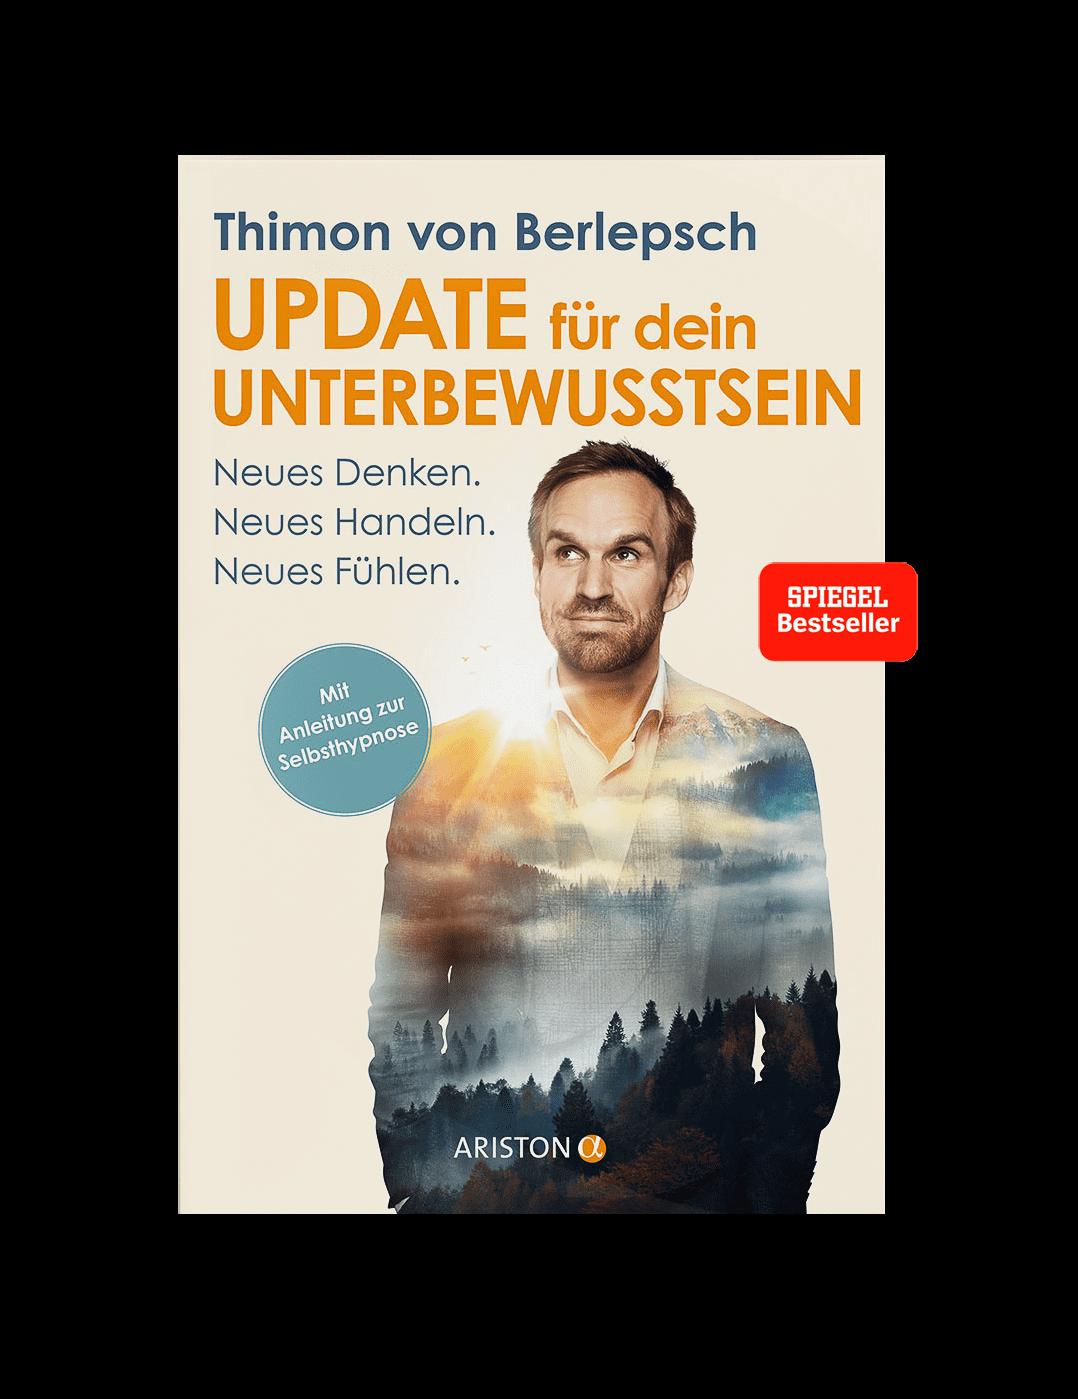 Update für Dein Unterbewusstsein - Thimon von Berlepsch